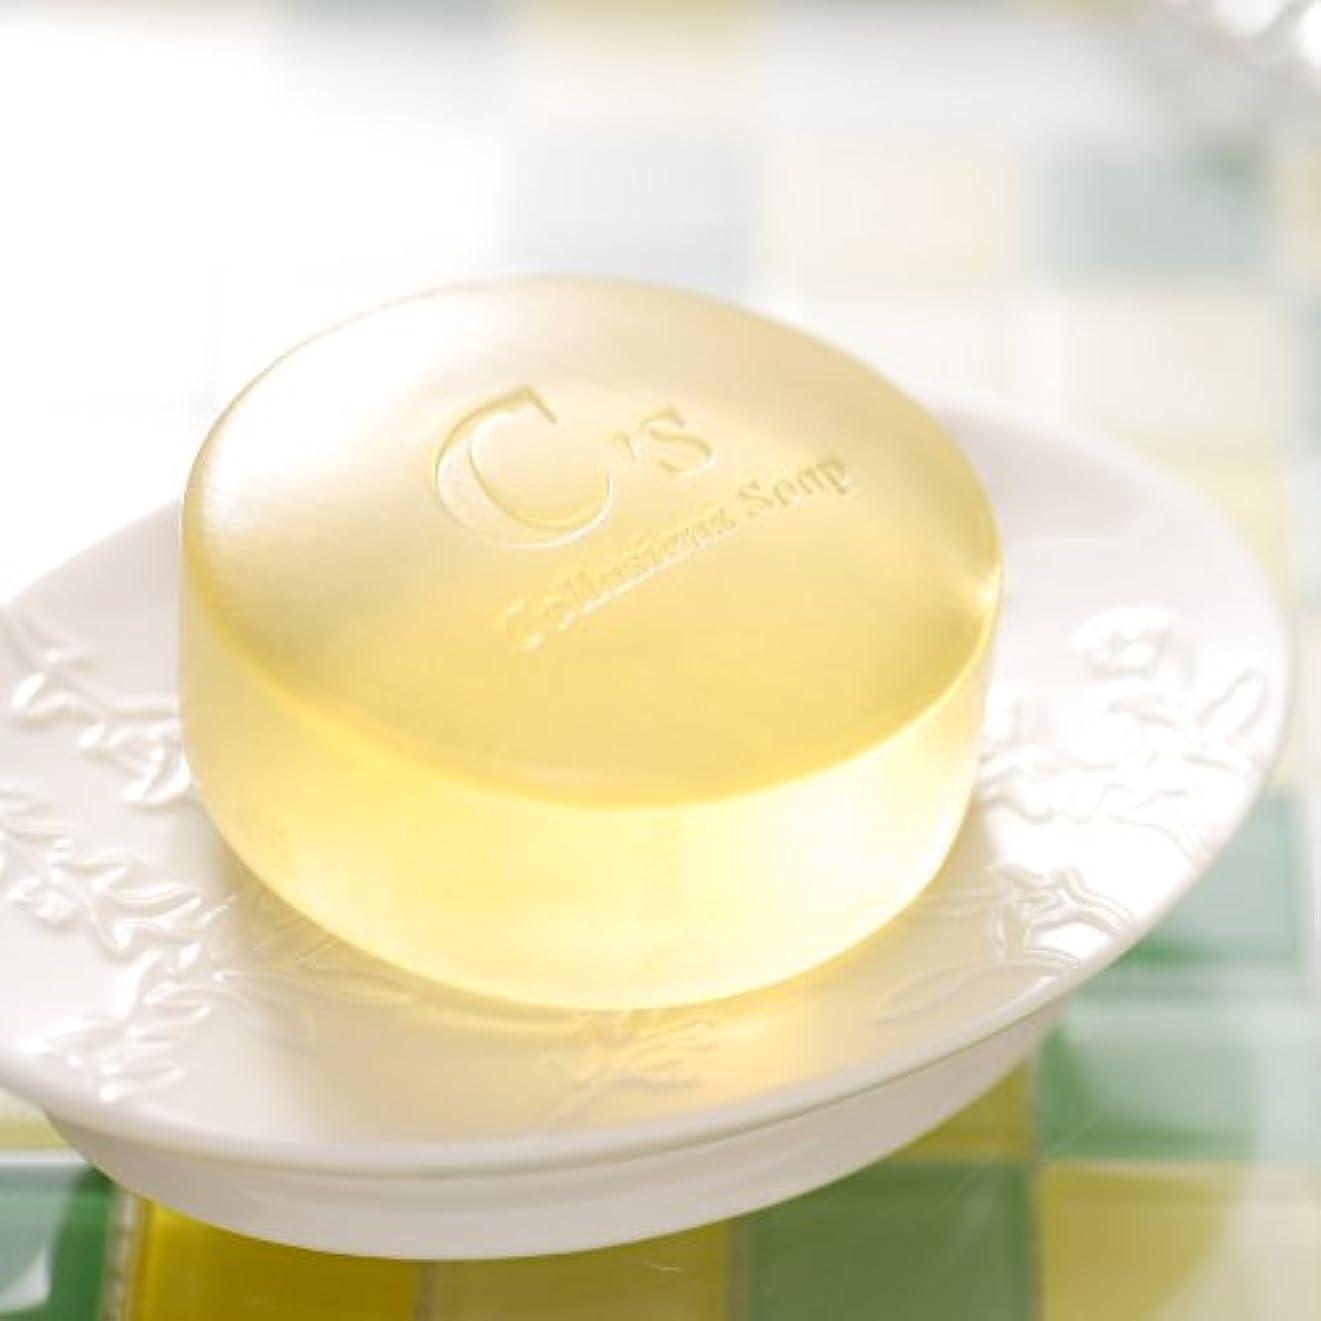 精神医学愛人ロッド肌理石鹸(きめせっけん)☆90日間熟成させた手作りソープ